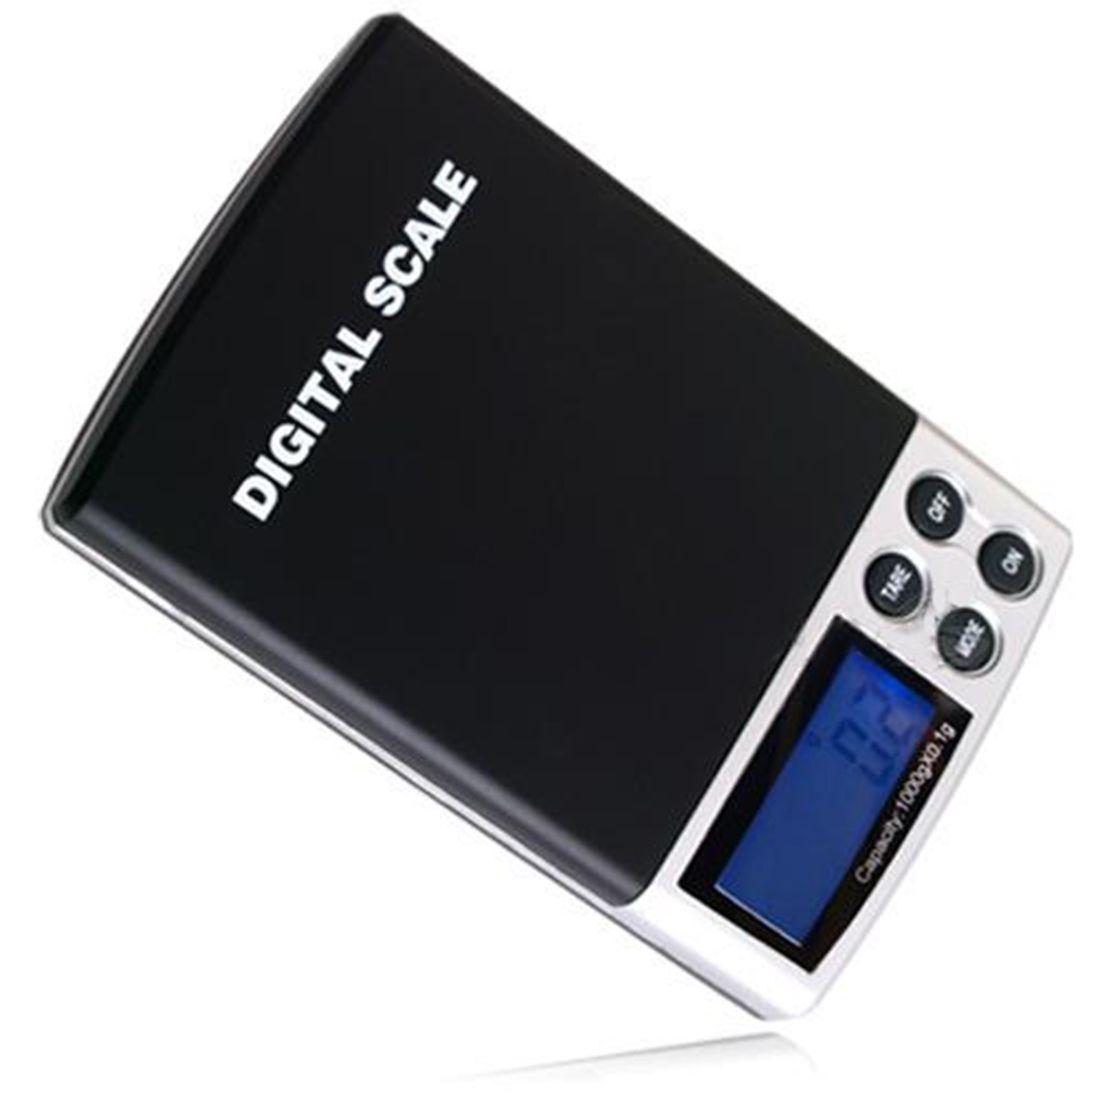 Nouveau 1000g x 0.1g LCD Affichage Mini Électronique Numérique Bijoux Balance De Poche Balance Poids Pesant Échelle